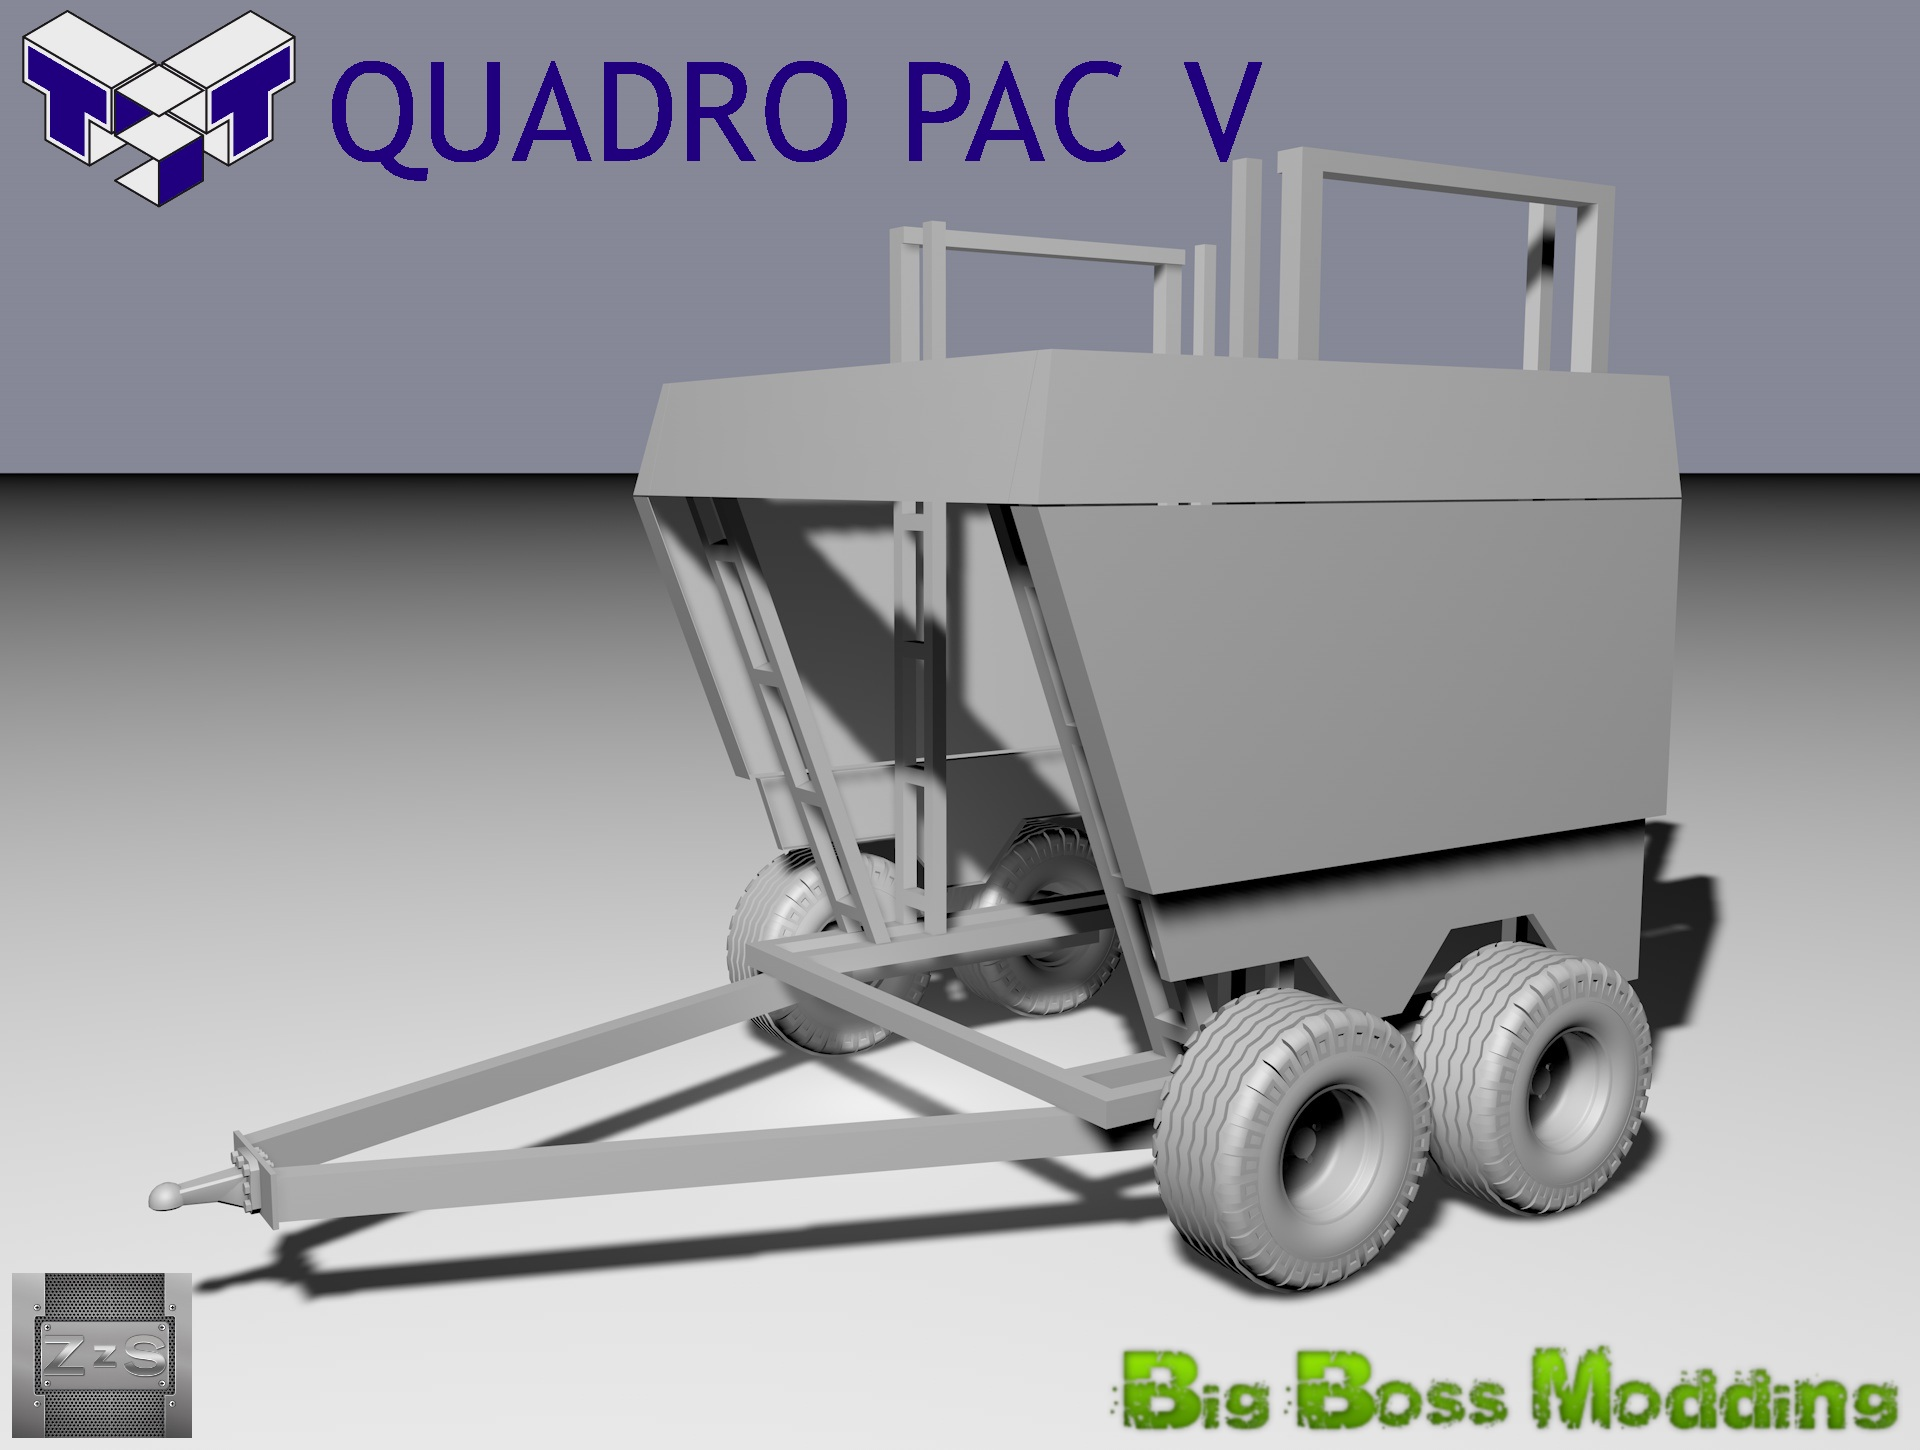 [T.E.P.] Quadro Pac V [Actualizado 14-5-2014] Dia28qkpn